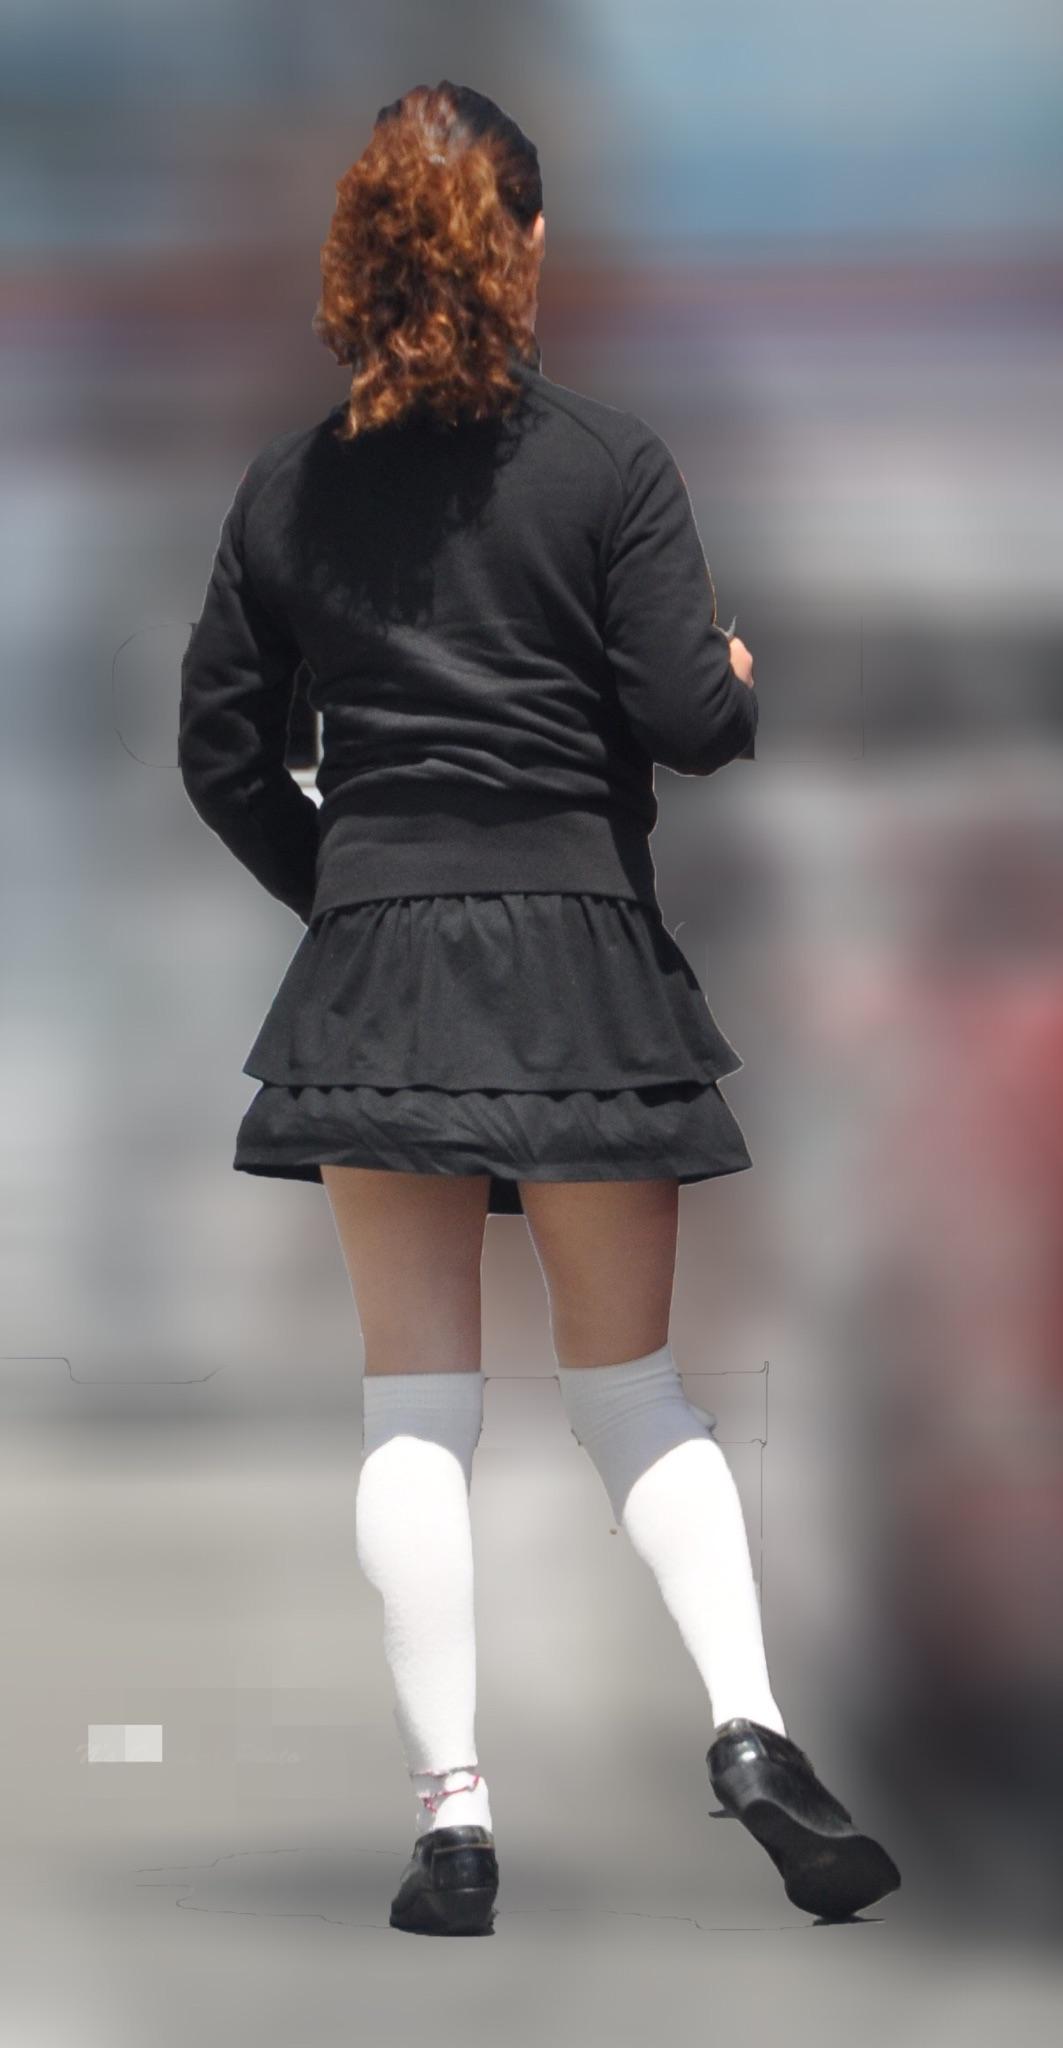 【美脚エロ画像】パンツ出なくても太もも見えるだけでも十分な街の美脚観察(;´Д`)